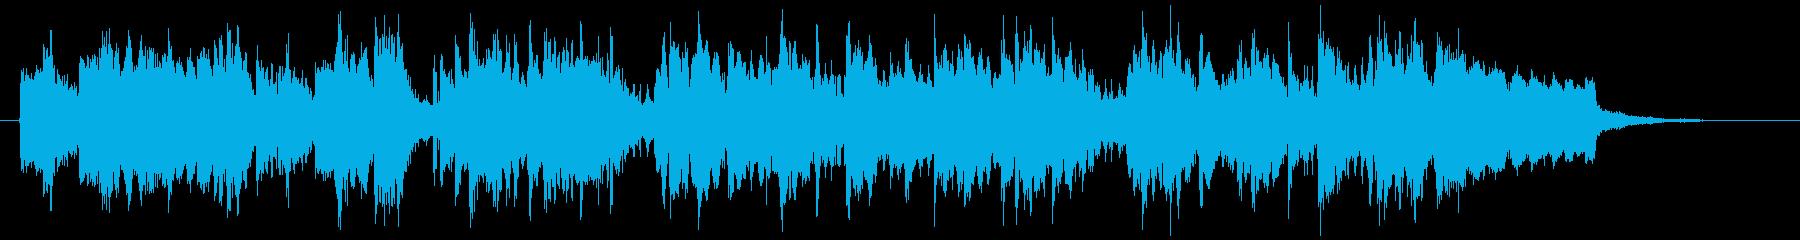 ミディアムテンポの爽やかなフルート曲の再生済みの波形